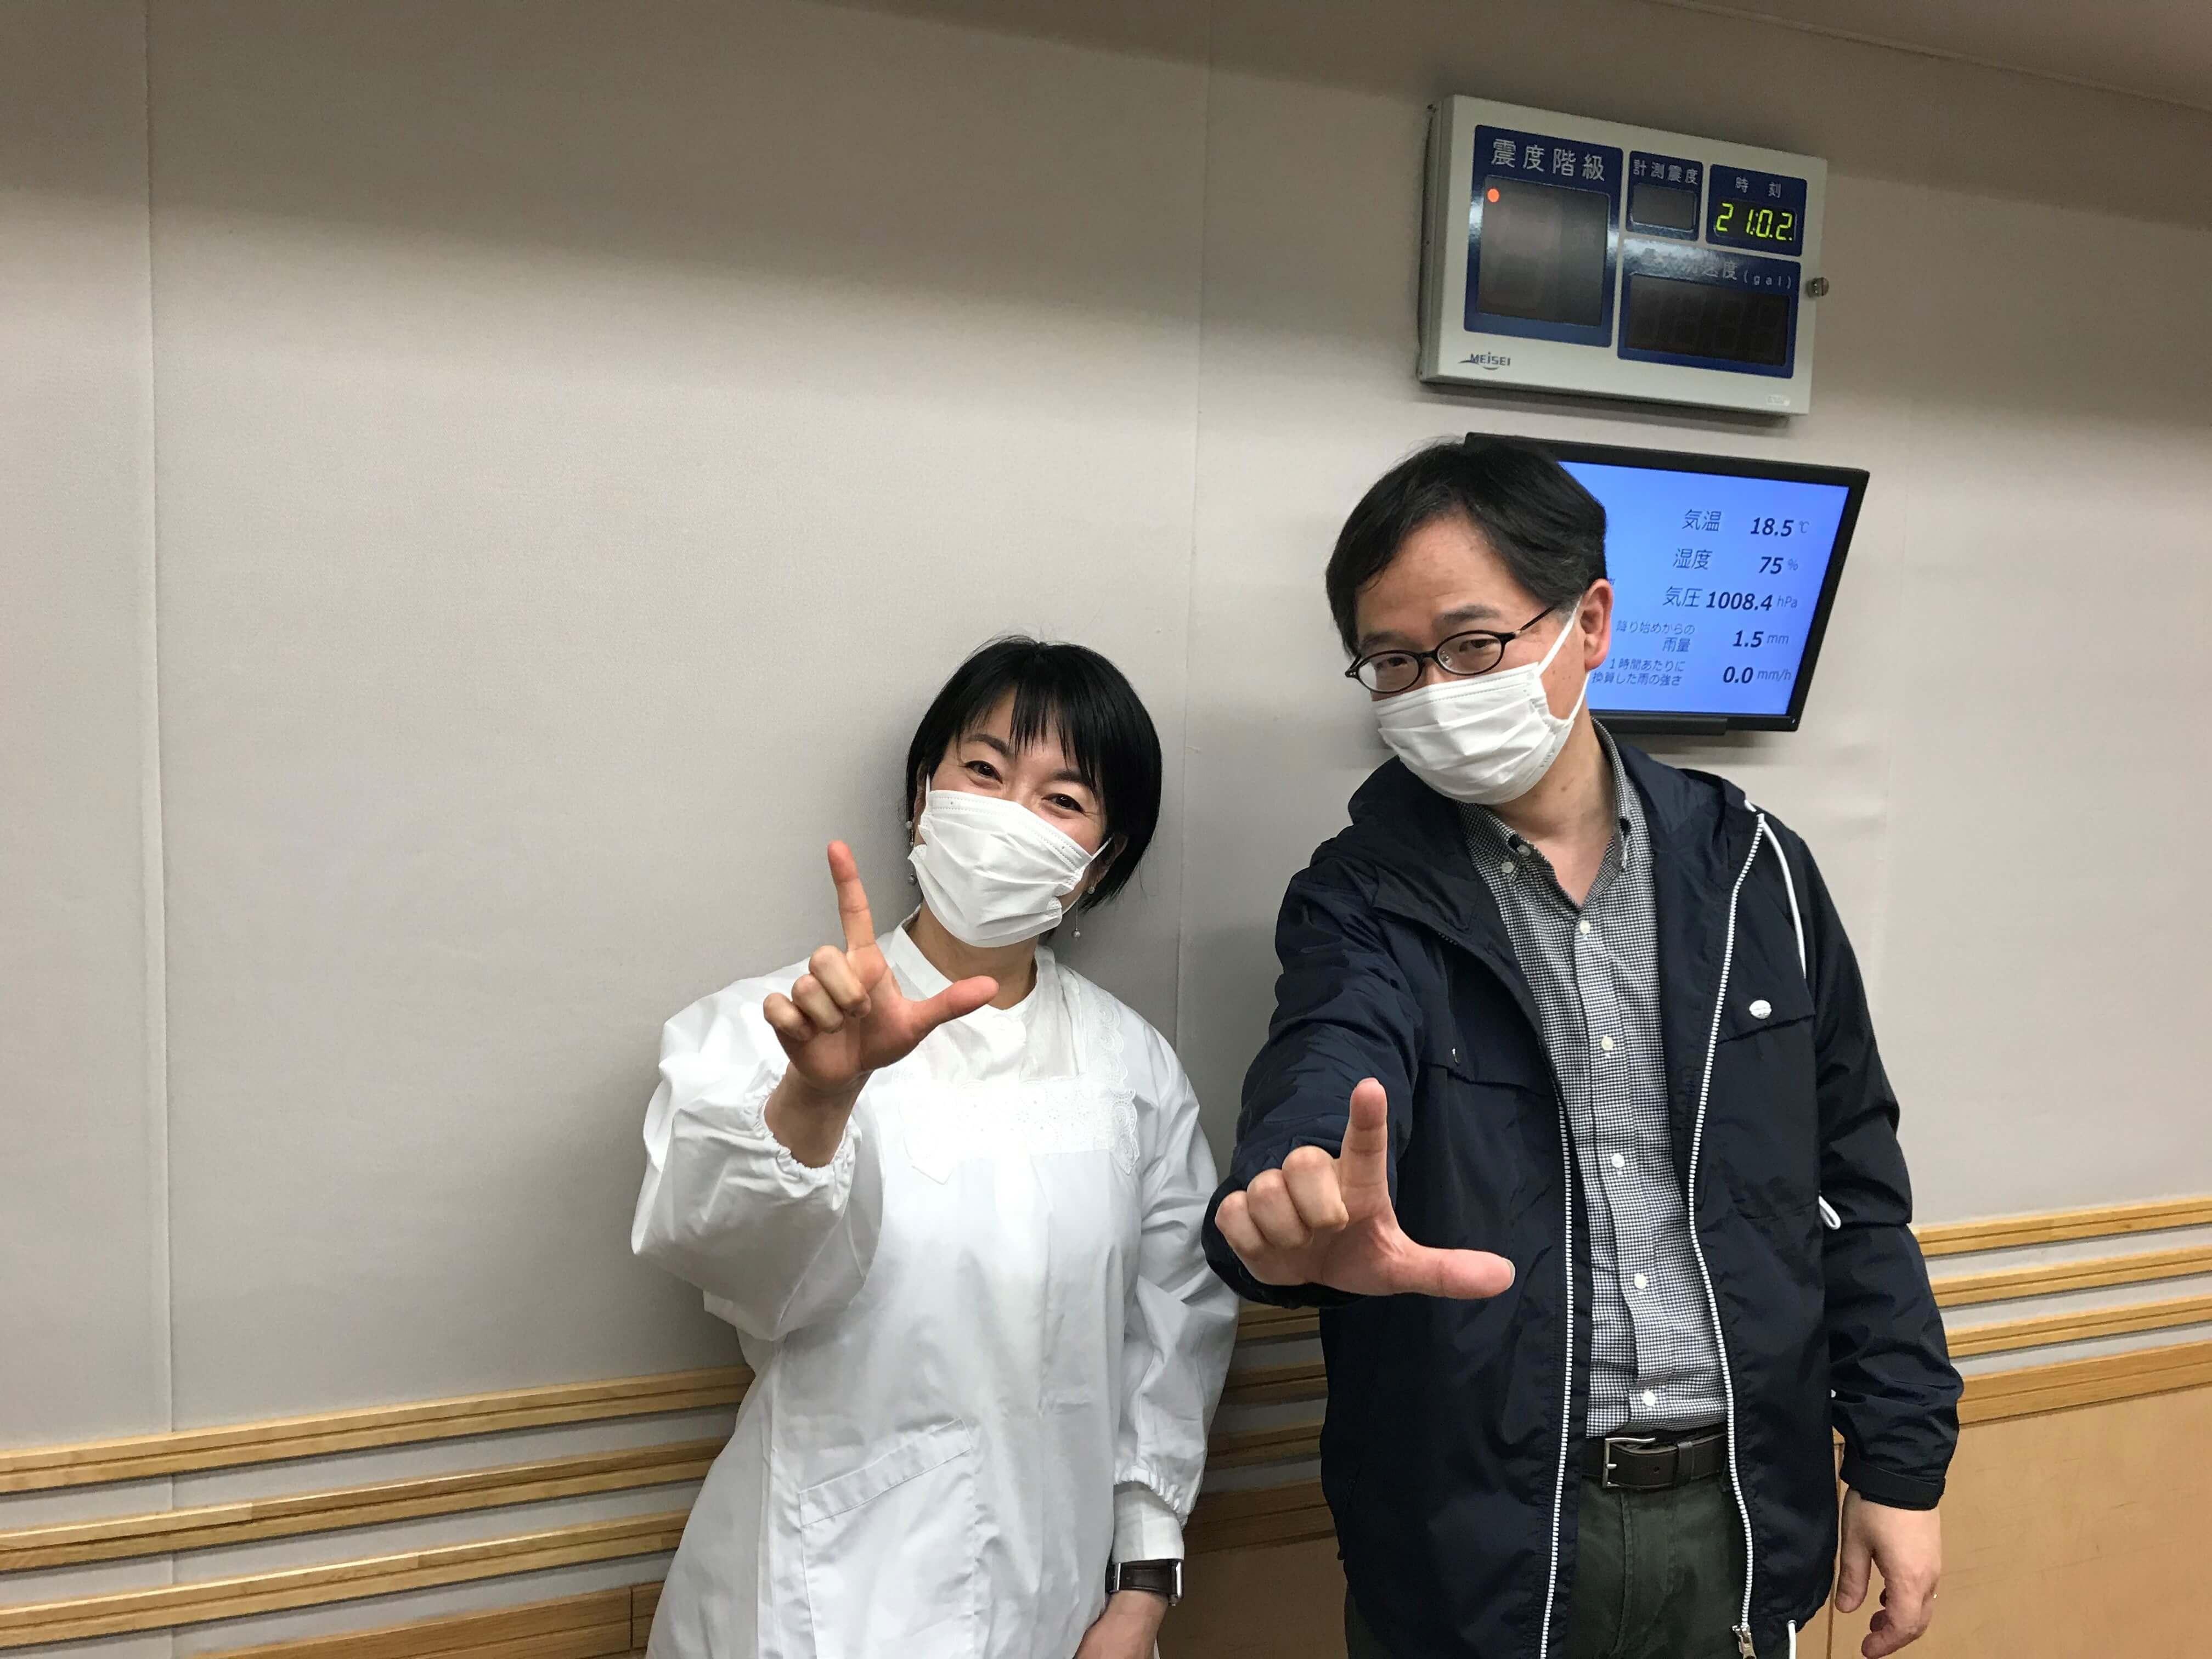 『スポーツ居酒屋 獅子』(5月5日)デイゲーム中継に続き、3時間のロング営業!